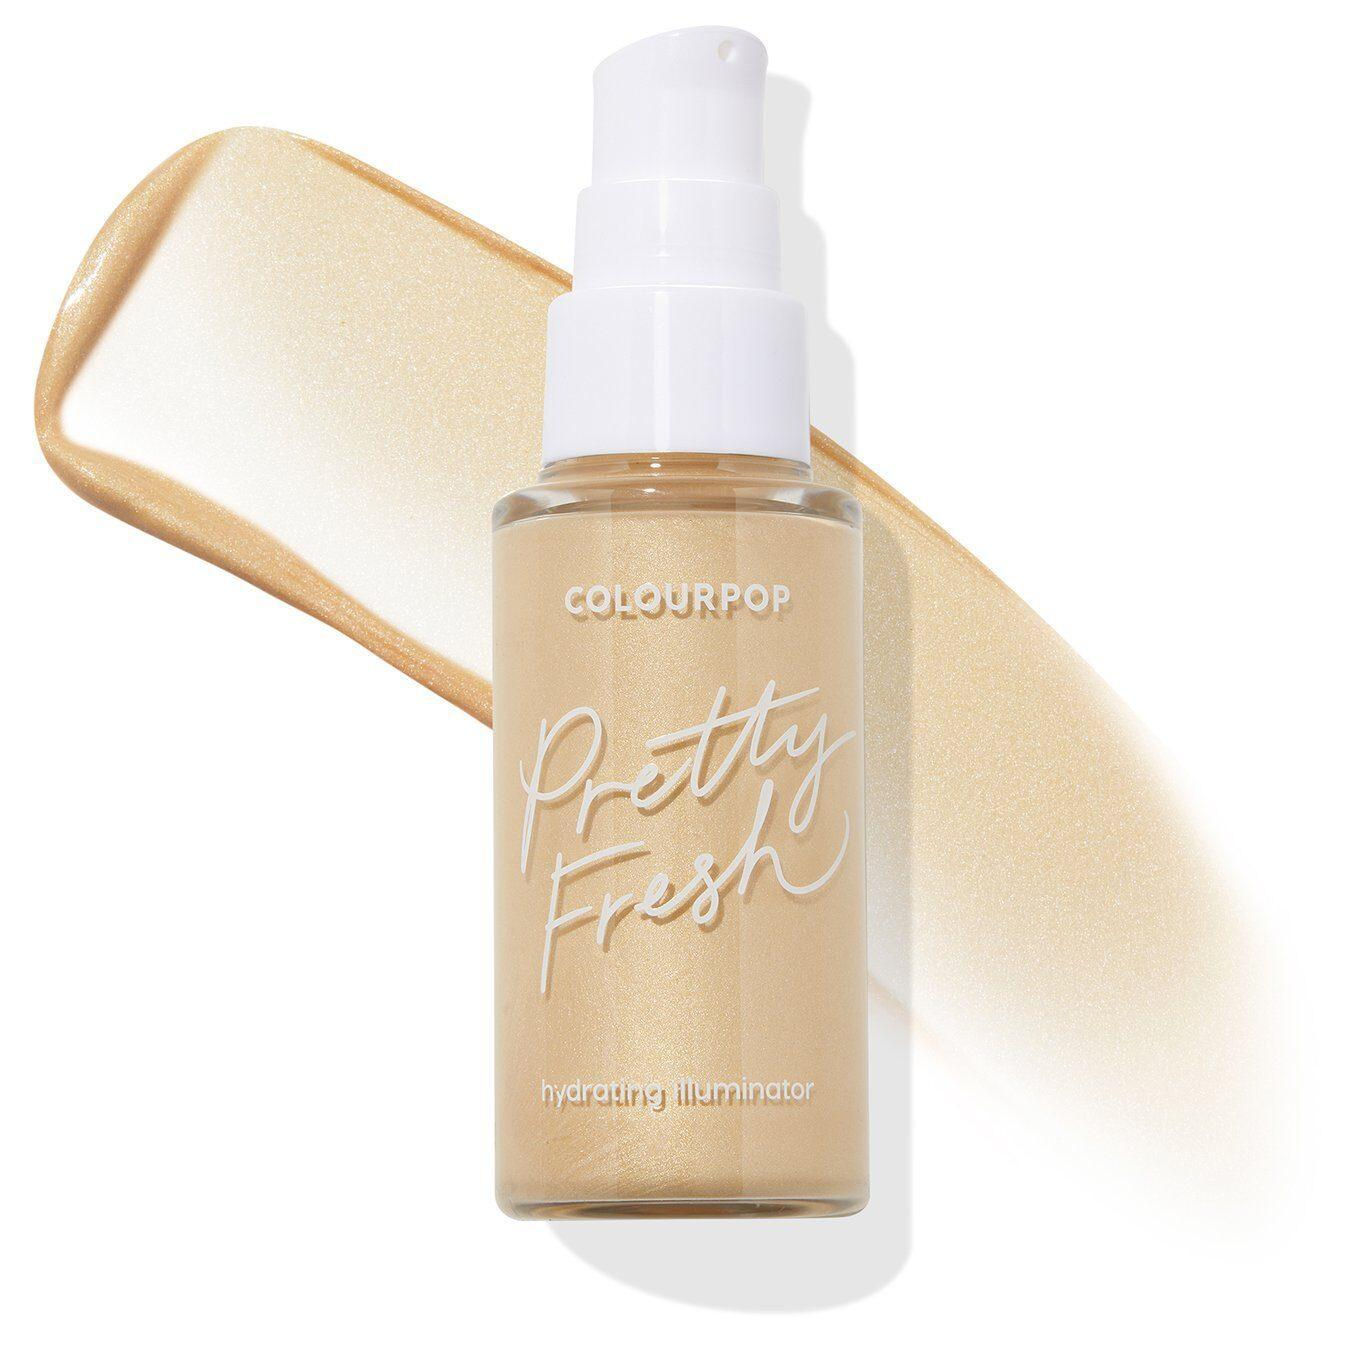 Colourpop Cosmetics Pretty Fresh Illuminator In Soft Gold